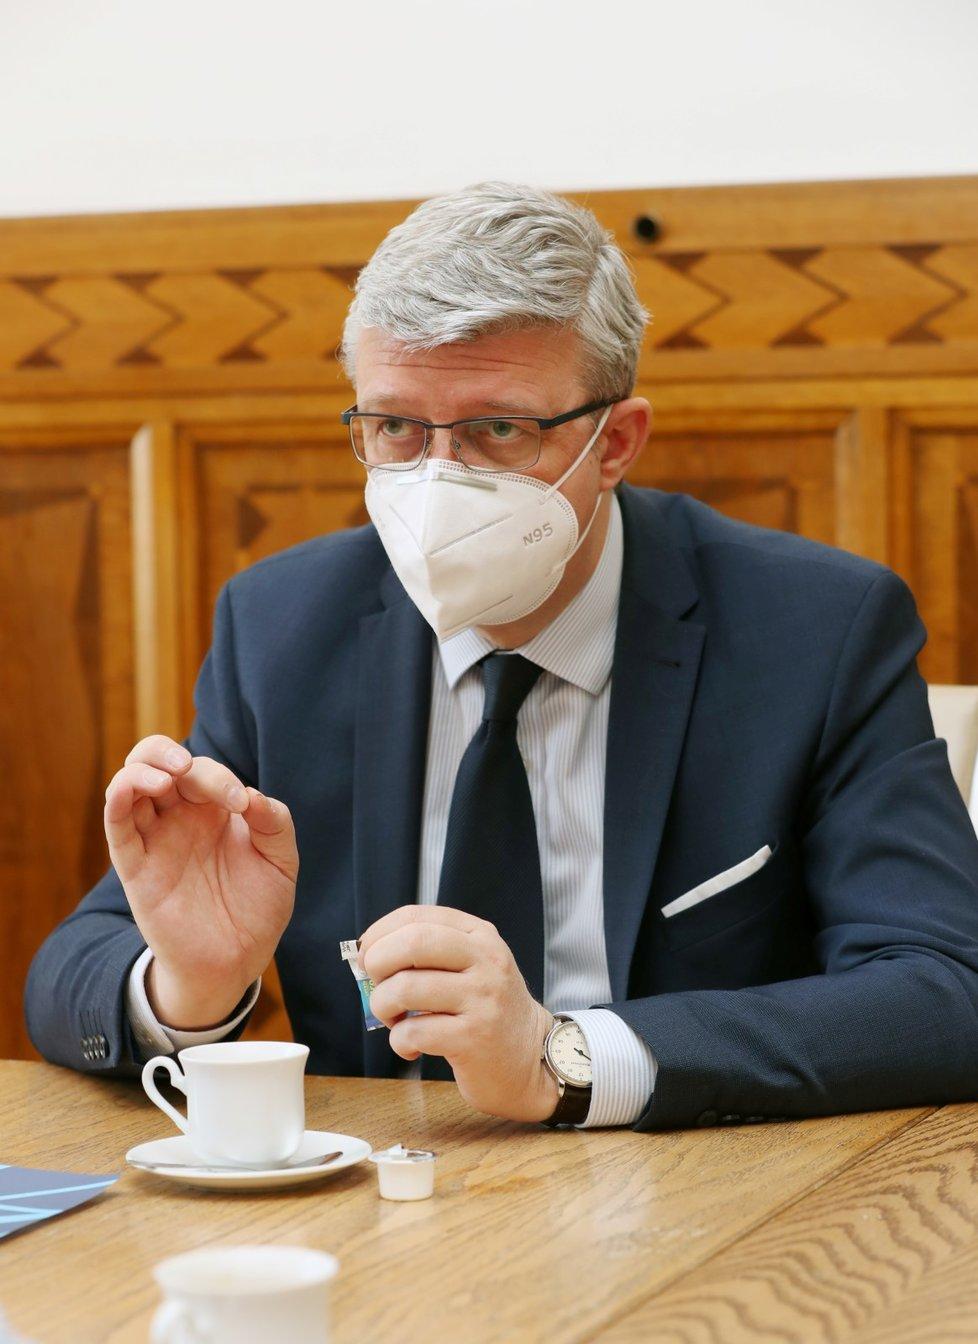 Místopředseda vlády, ministr průmyslu a obchodu a šéf resortu dopravy Karel Havlíček během rozhovoru pro Blesk (30. 4. 2021)